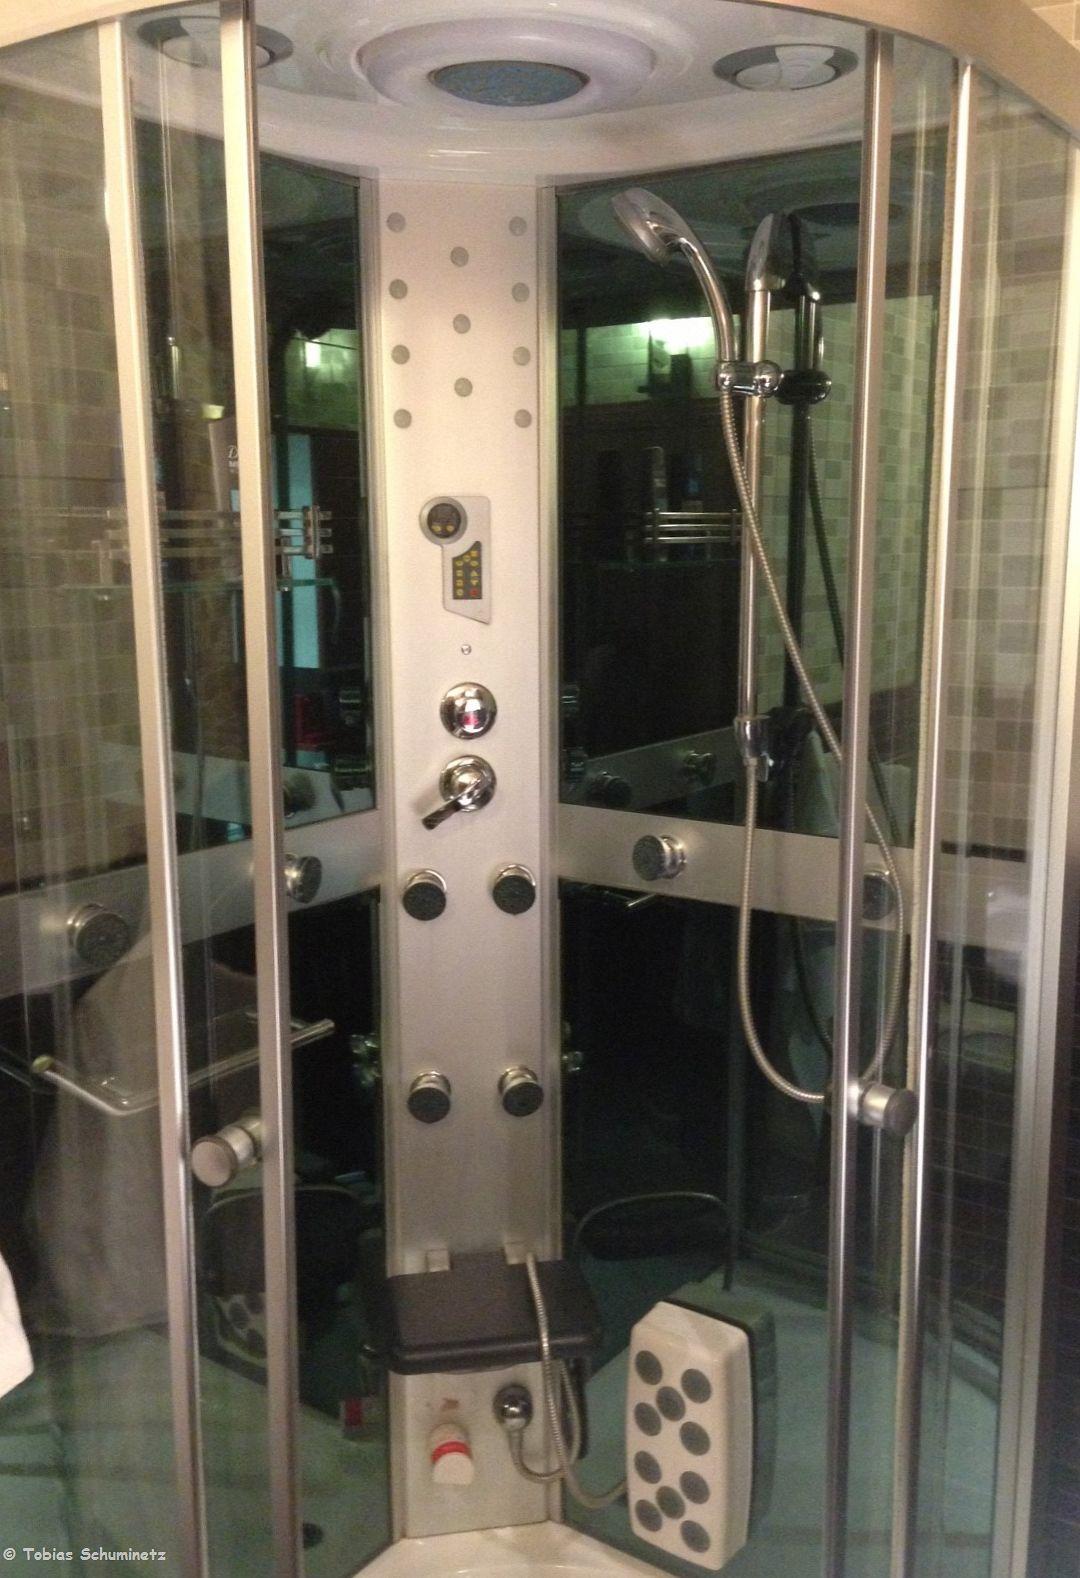 Die Dusche im Hotel war hypermodern mit der Möglichkeit, den Wasserstrahl quasi aus allen Richtungen strahlen zu lassen, was natürlich bei mir eingestellt war. Brrr... es war anfangs eiskalt. Und ohne jegliche Beschriftung musste man auch erstmal die richtige Einstellung finden. Ein tolles Gimmik war der von der Dusche aus bedienbare Radio...